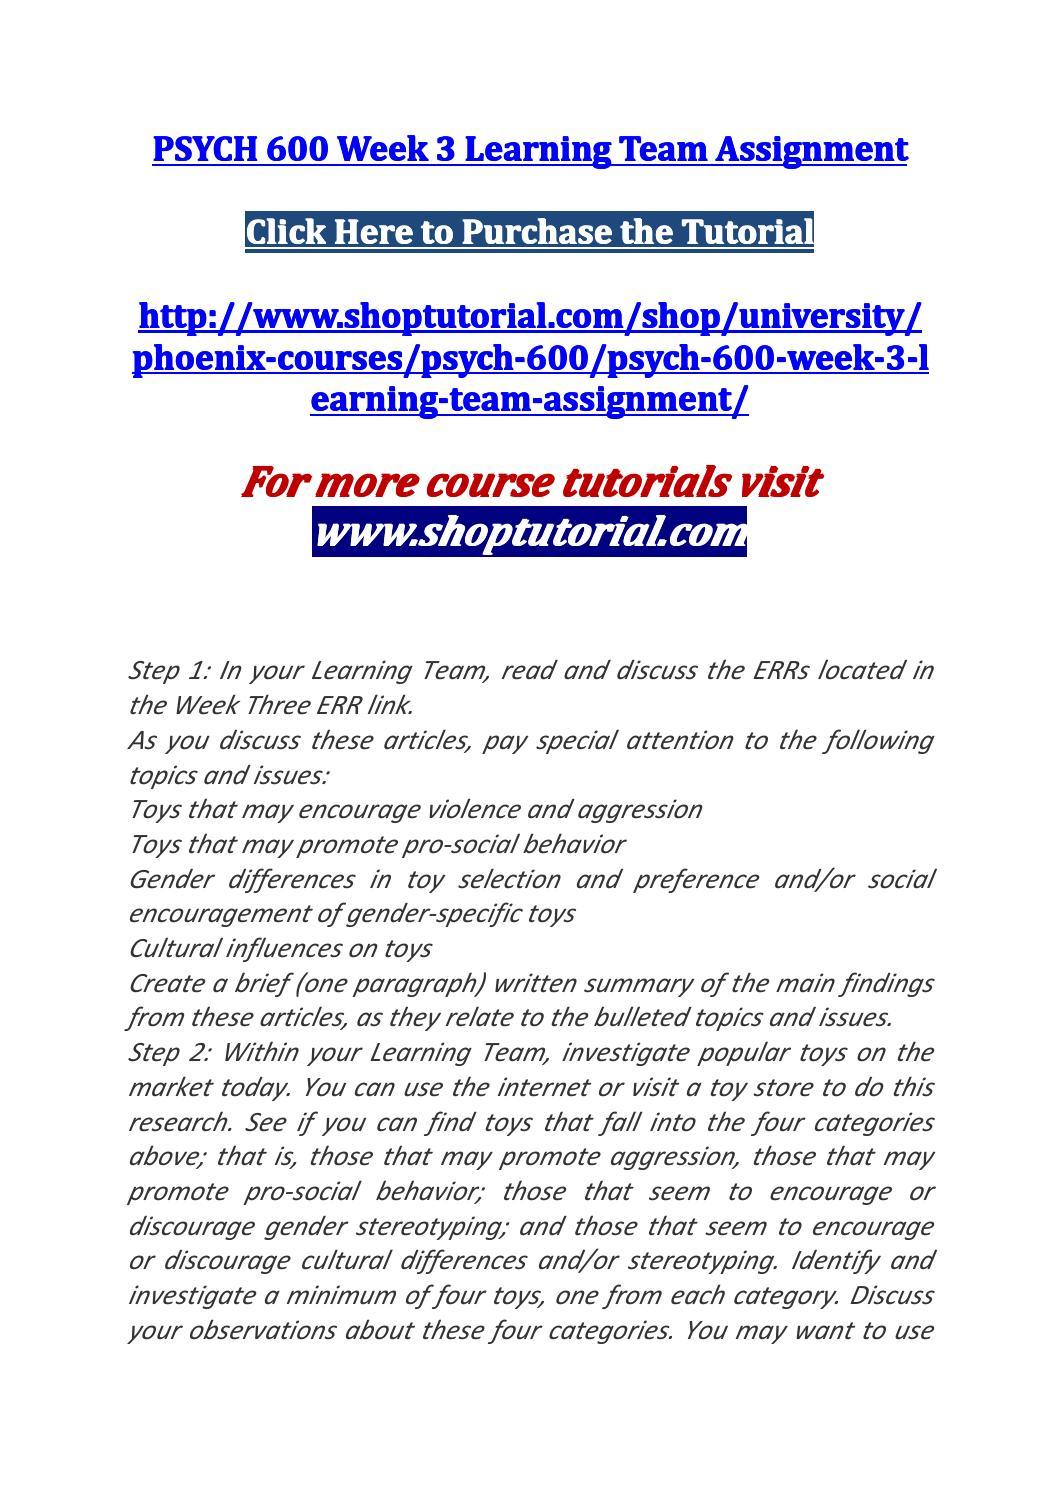 psych 600 peer reviewed article summaries List of academic literature (referred journals & peer reviewed journals) 1 academy of management review 2 academy of management journal 3.